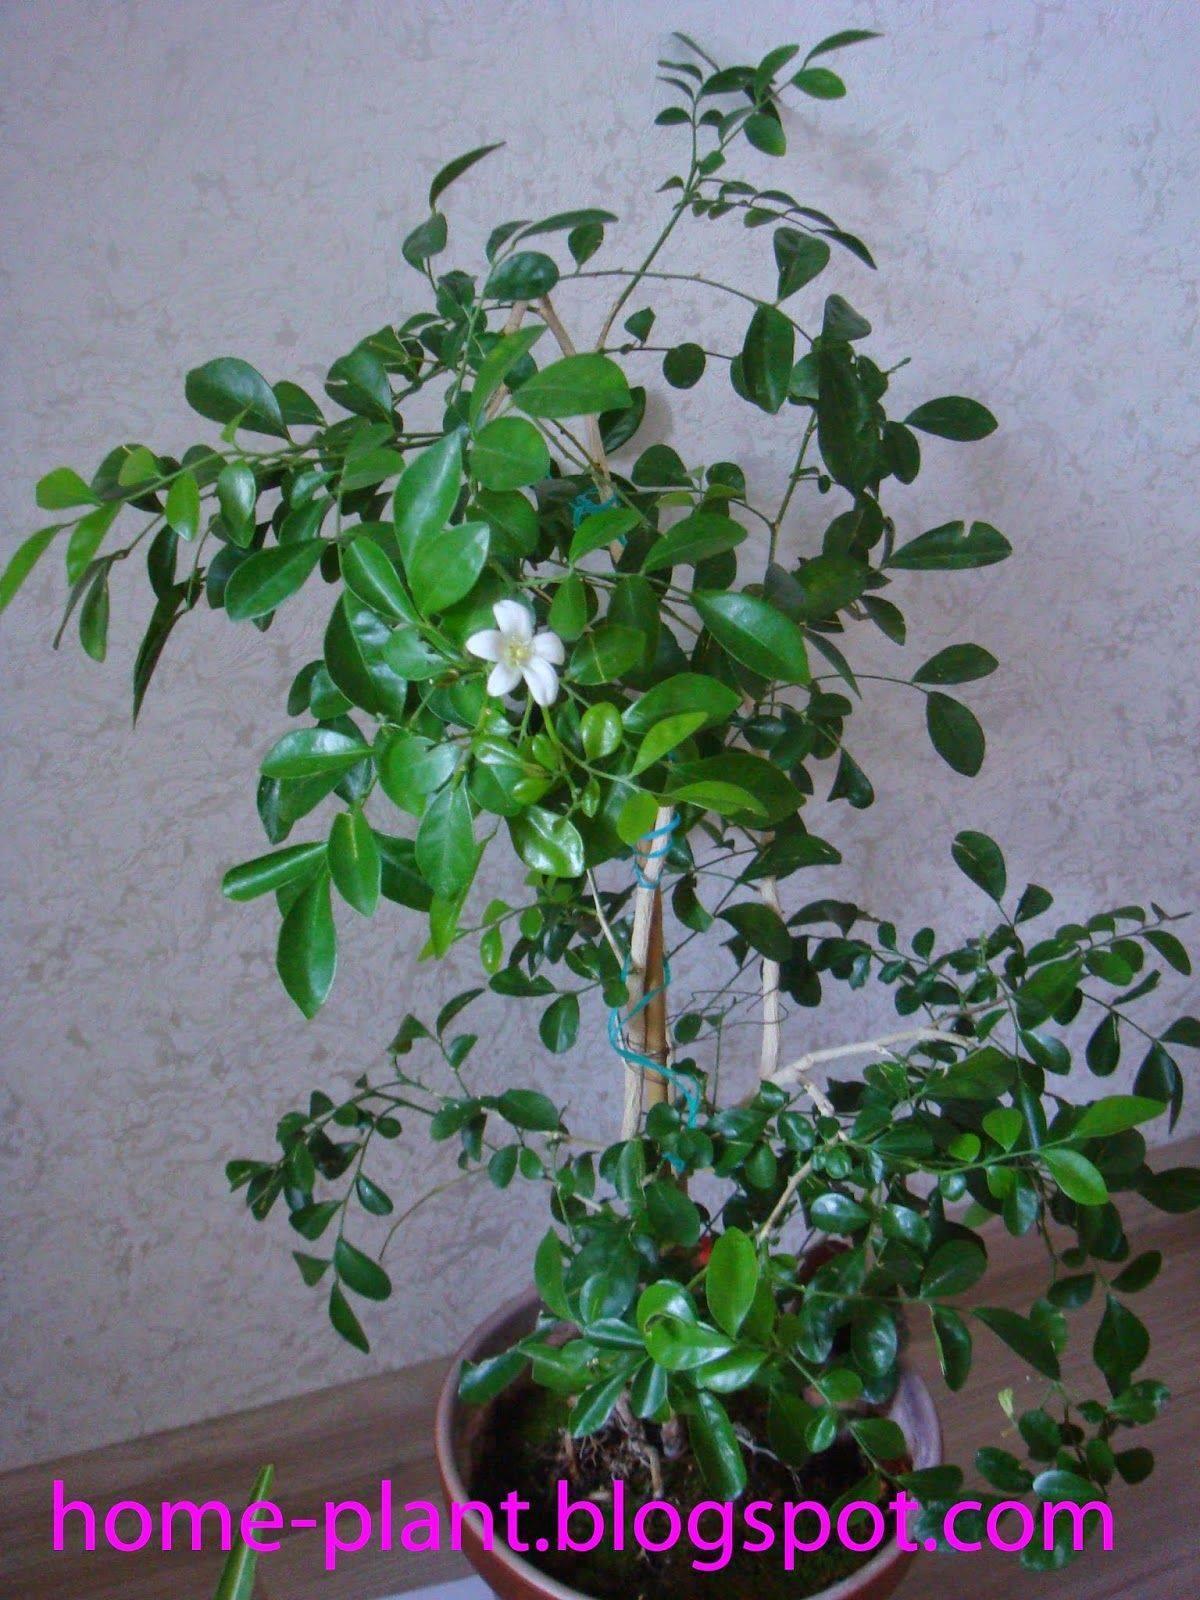 Уход за комнатным растением мурайя метельчатая японская в домашних условиях